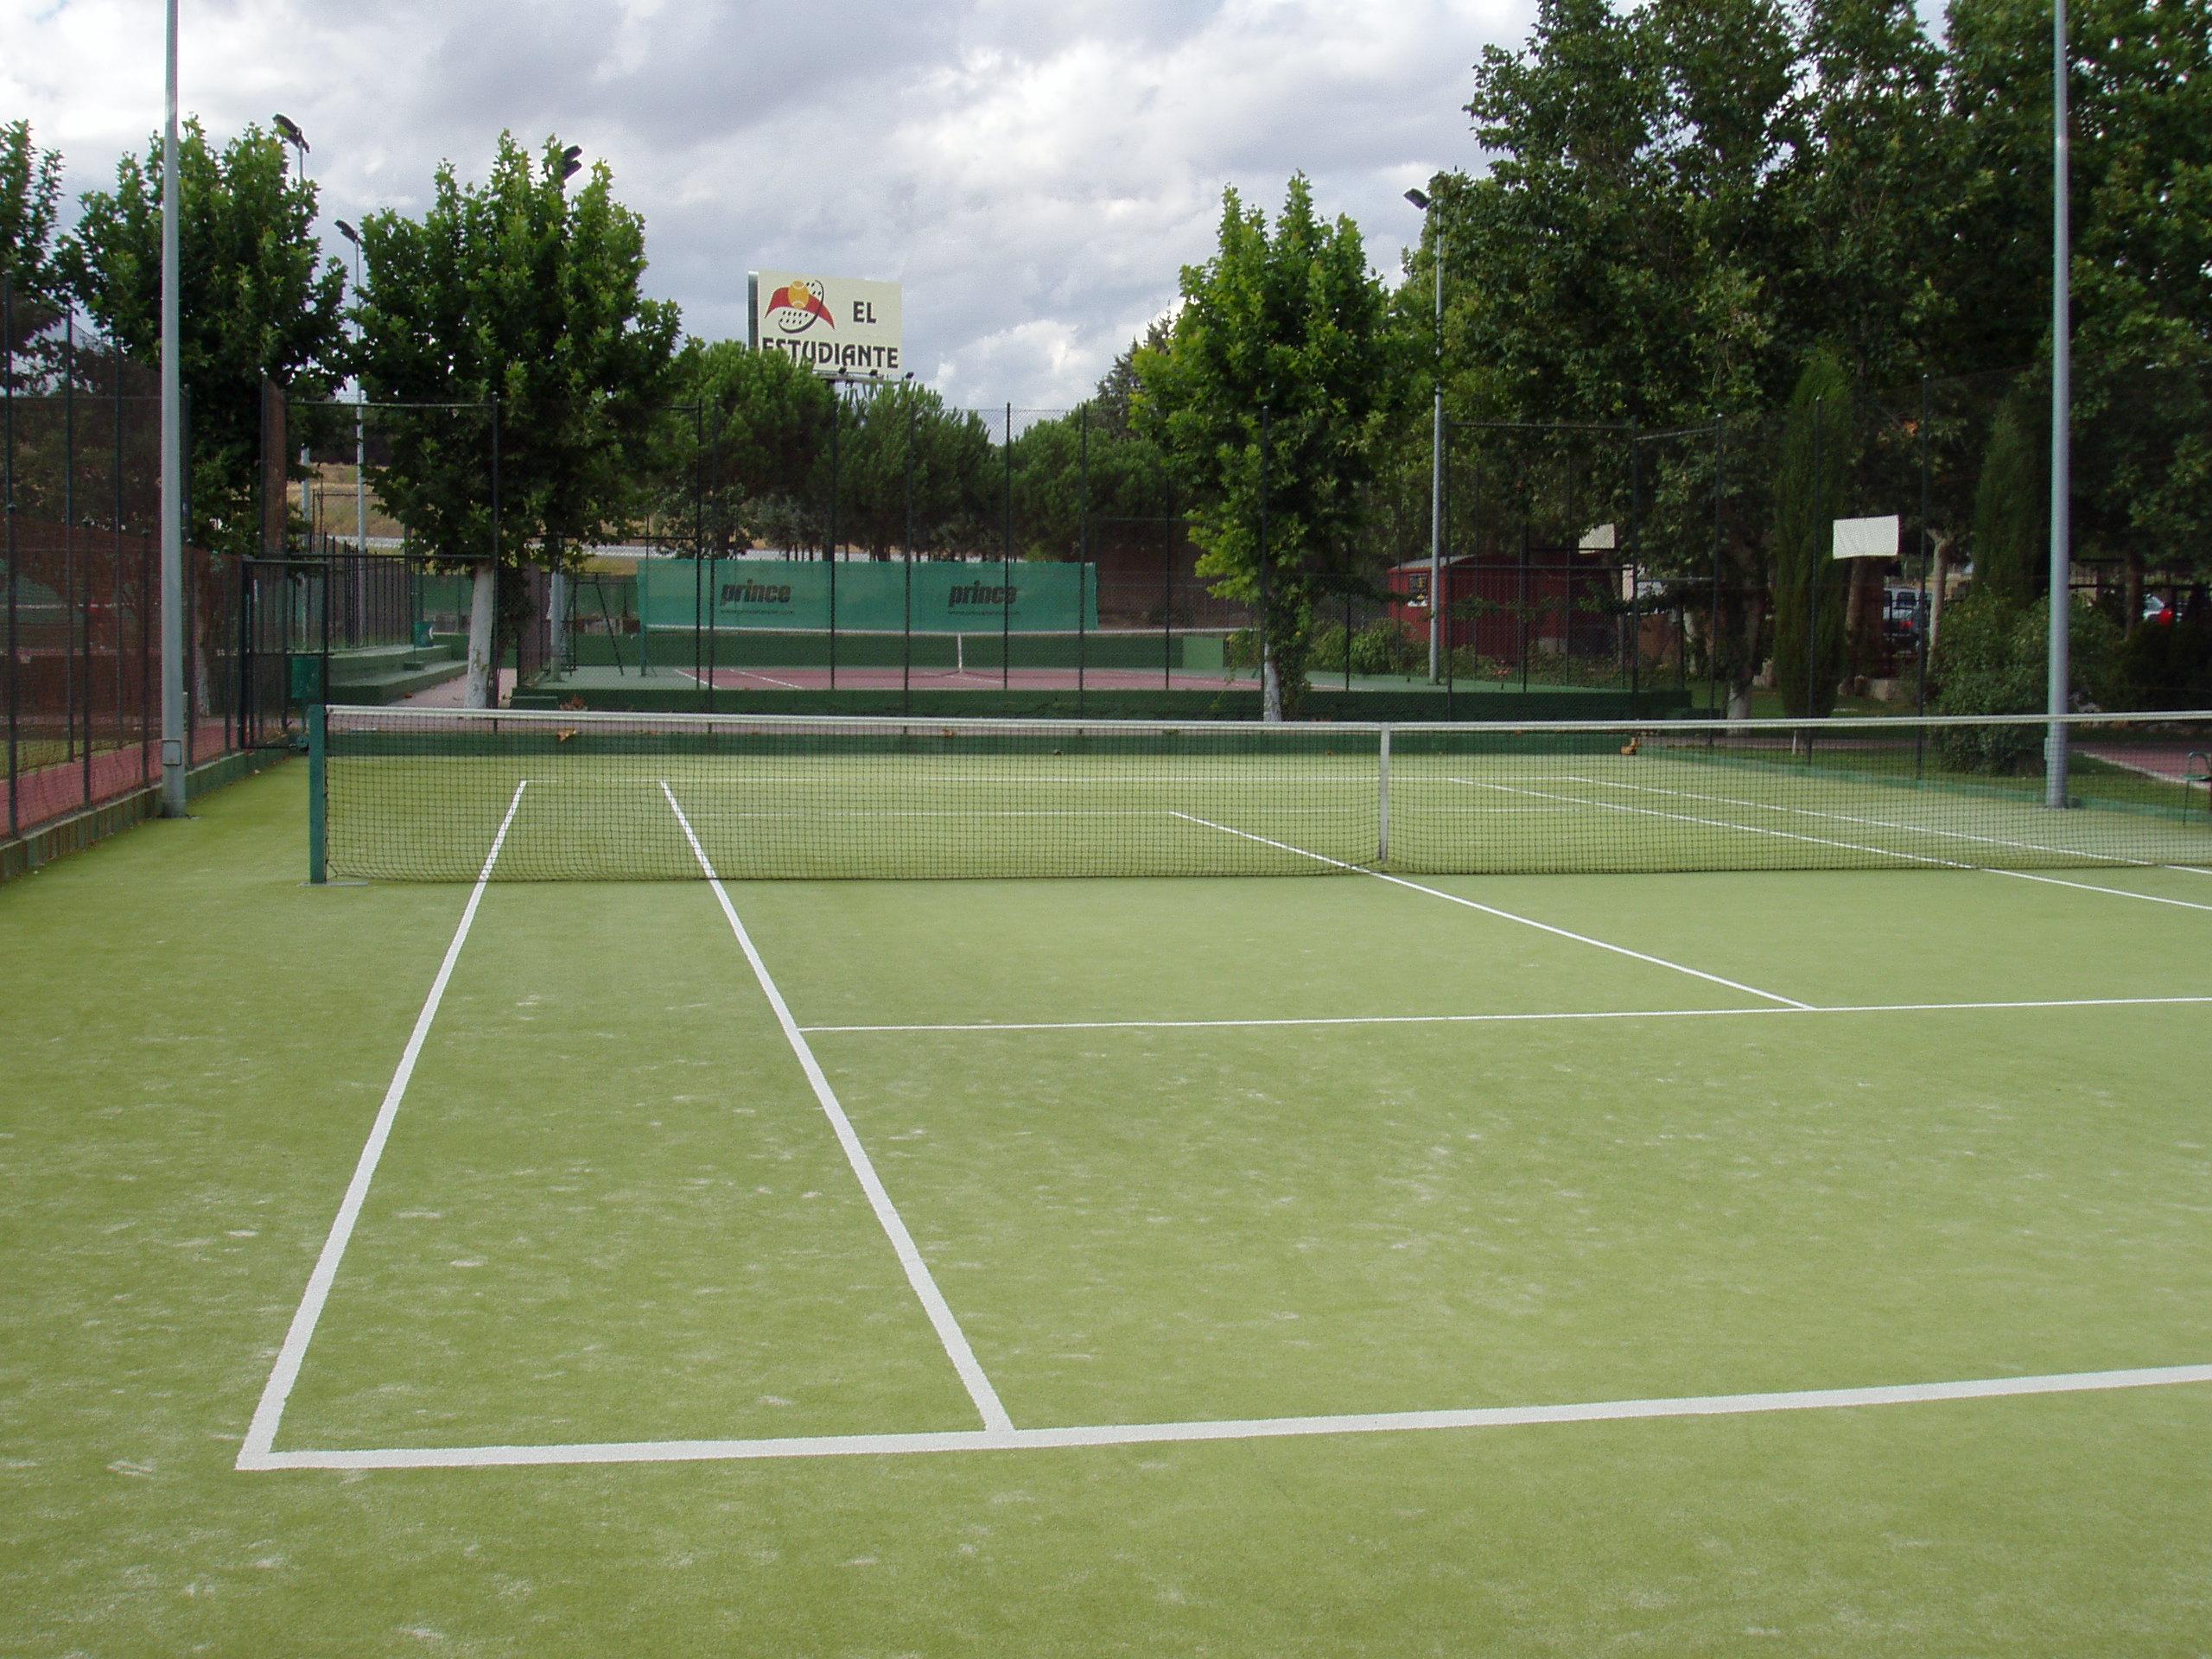 instalaciones11-tenis-hierba@2x